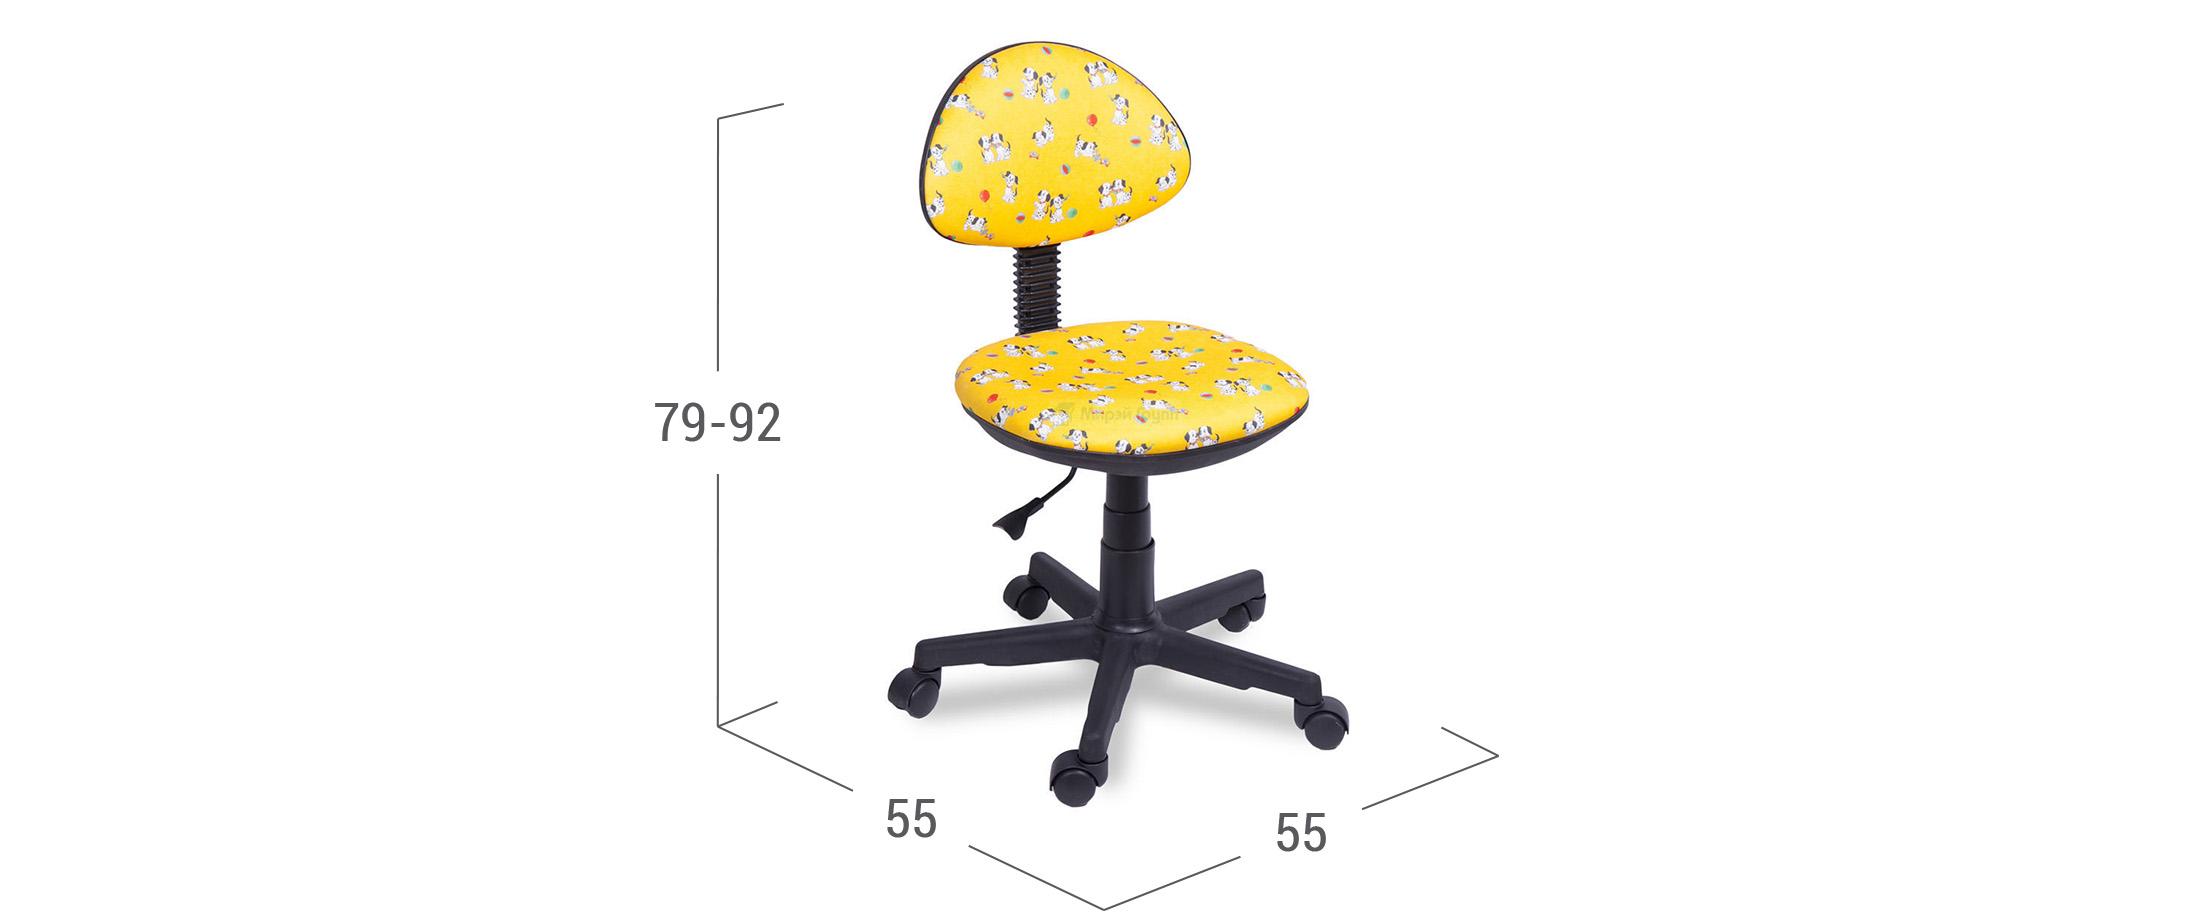 Кресло детское Star Yellow Dog модель 376Яркое кресло Yellow Dog Д000895 без подлоготников для организации удобного рабочего места, гармонично впишется в интерьер детской комнаты или детского уголка, а красочные принты из полюбившихся мультиков приведут Вашего ребенка в восторг!<br><br>Ширина см: 55<br>Глубина см: 55<br>Высота см: 79<br>Максимальная нагрузка : 80<br>Глубина посадочного места см: 37<br>Цвет: Желтый<br>Материал каркаса: Пластик